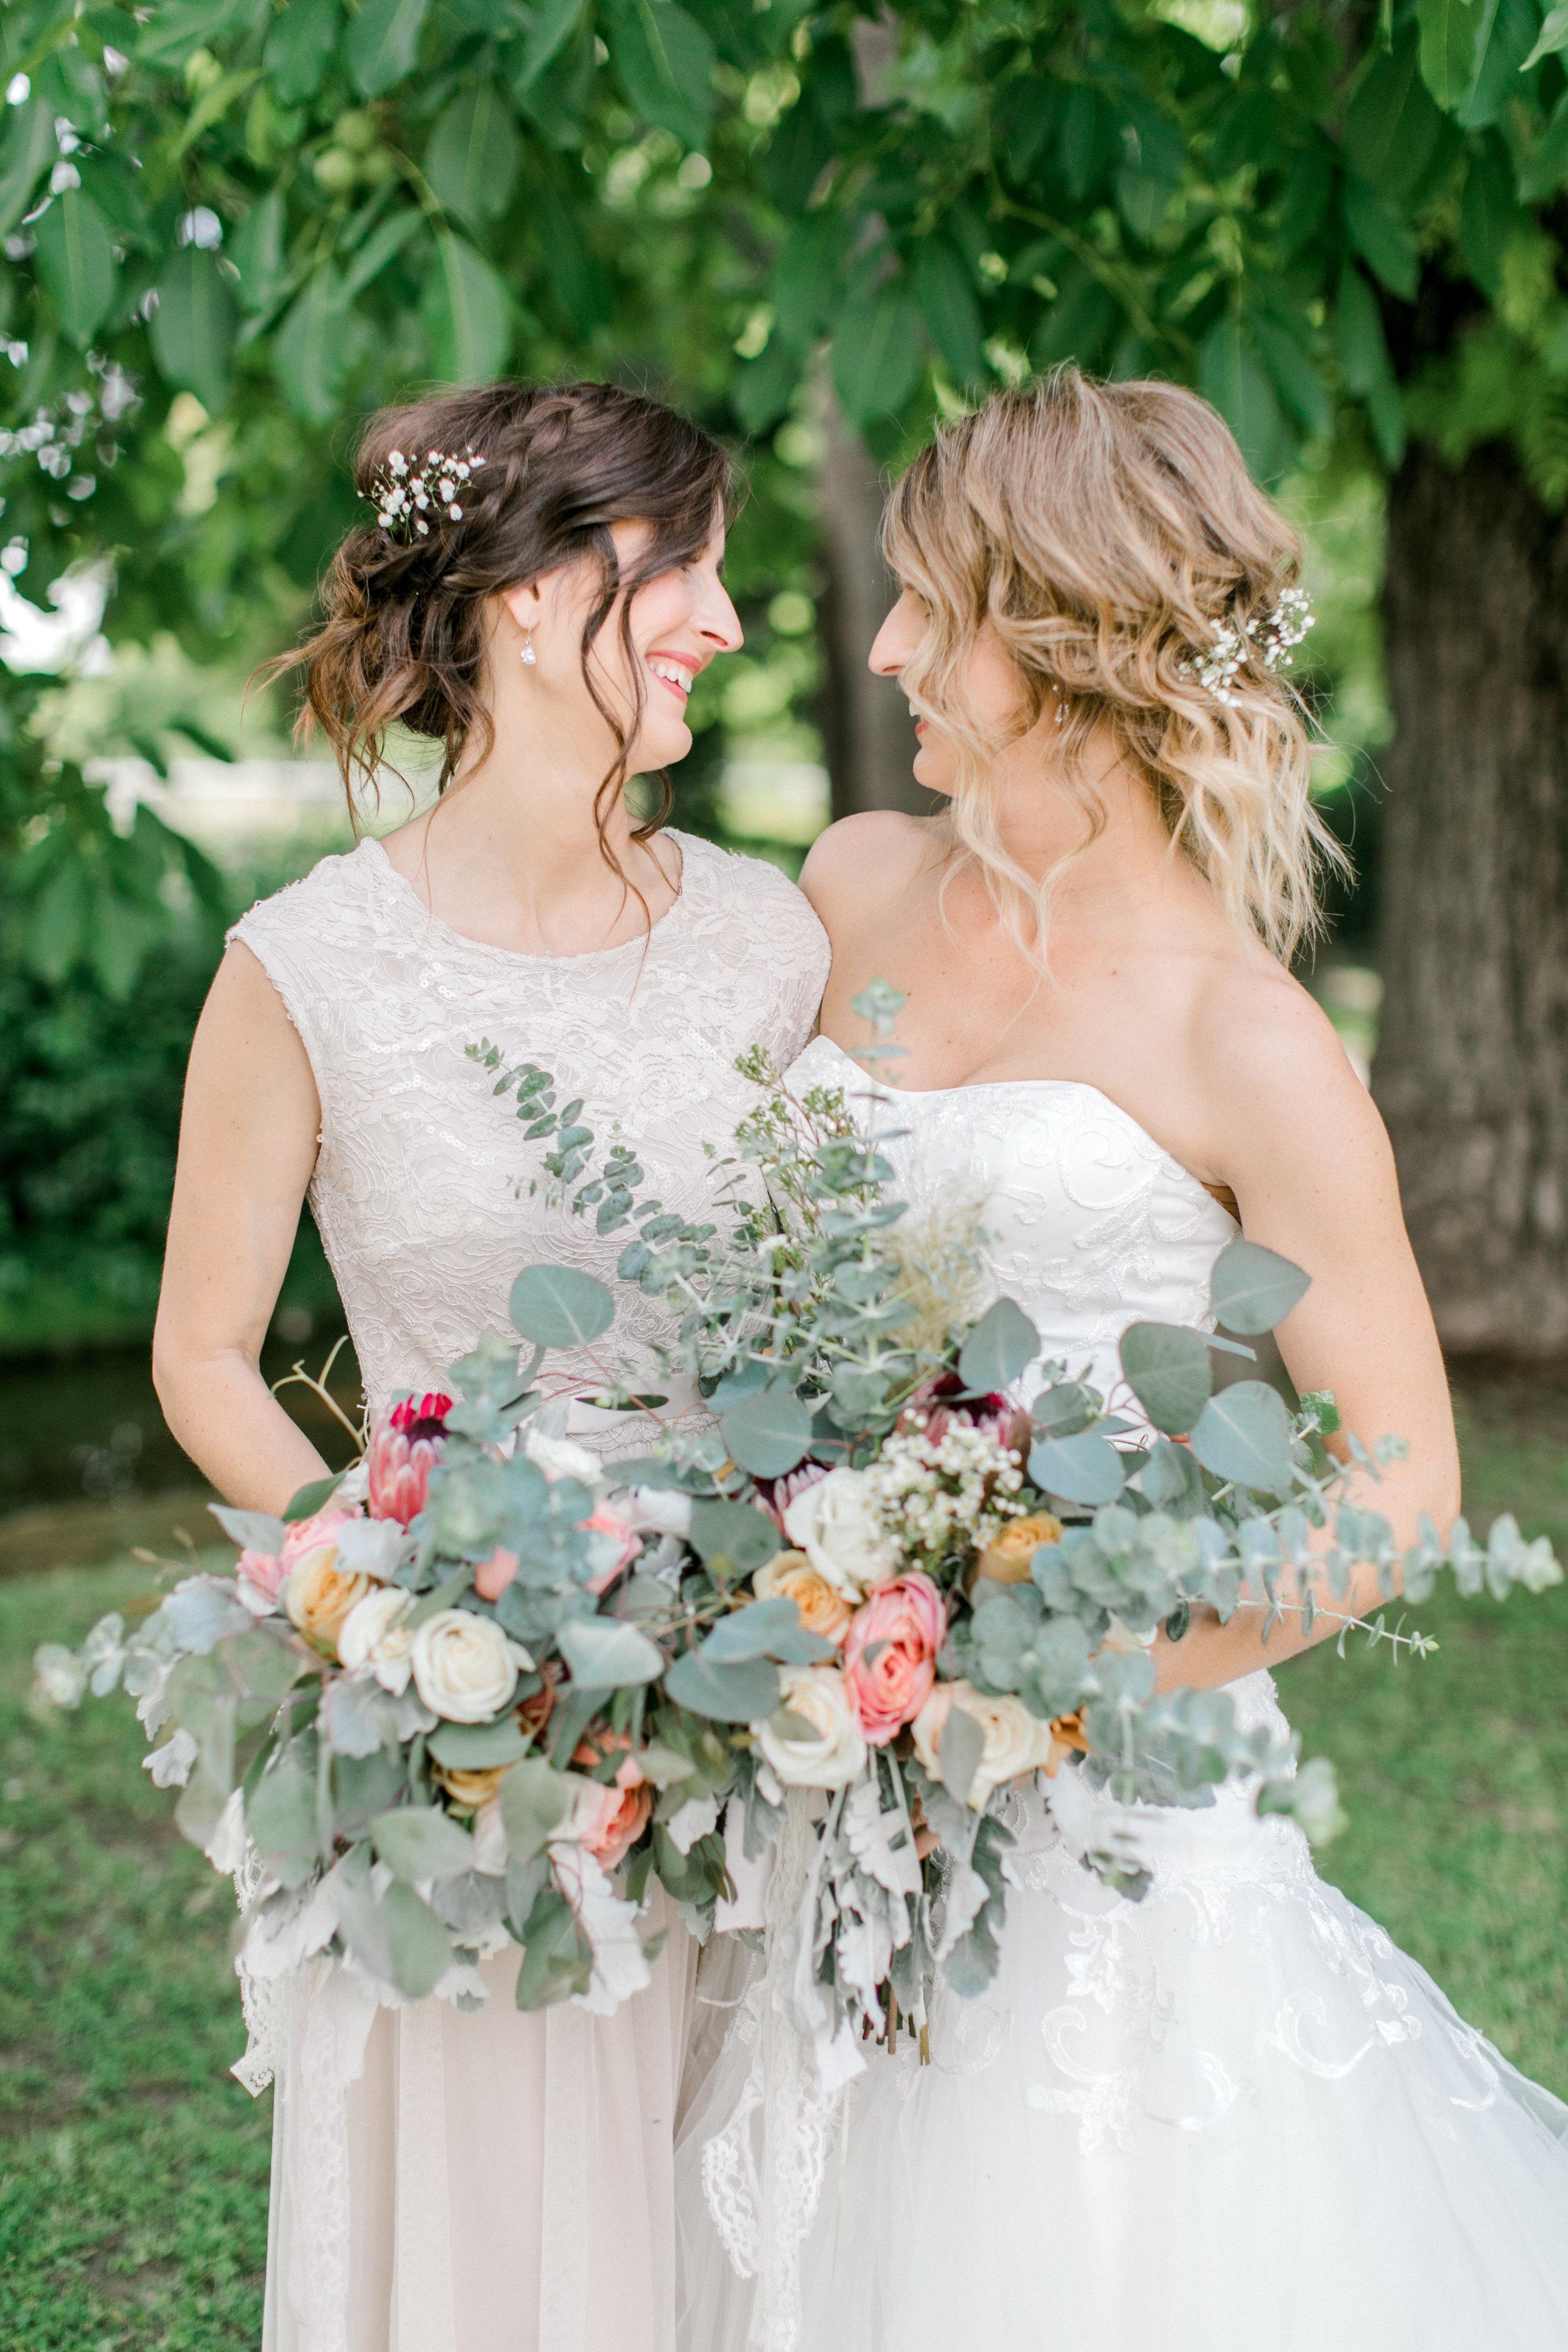 20190601-bridesphotos-59.jpg